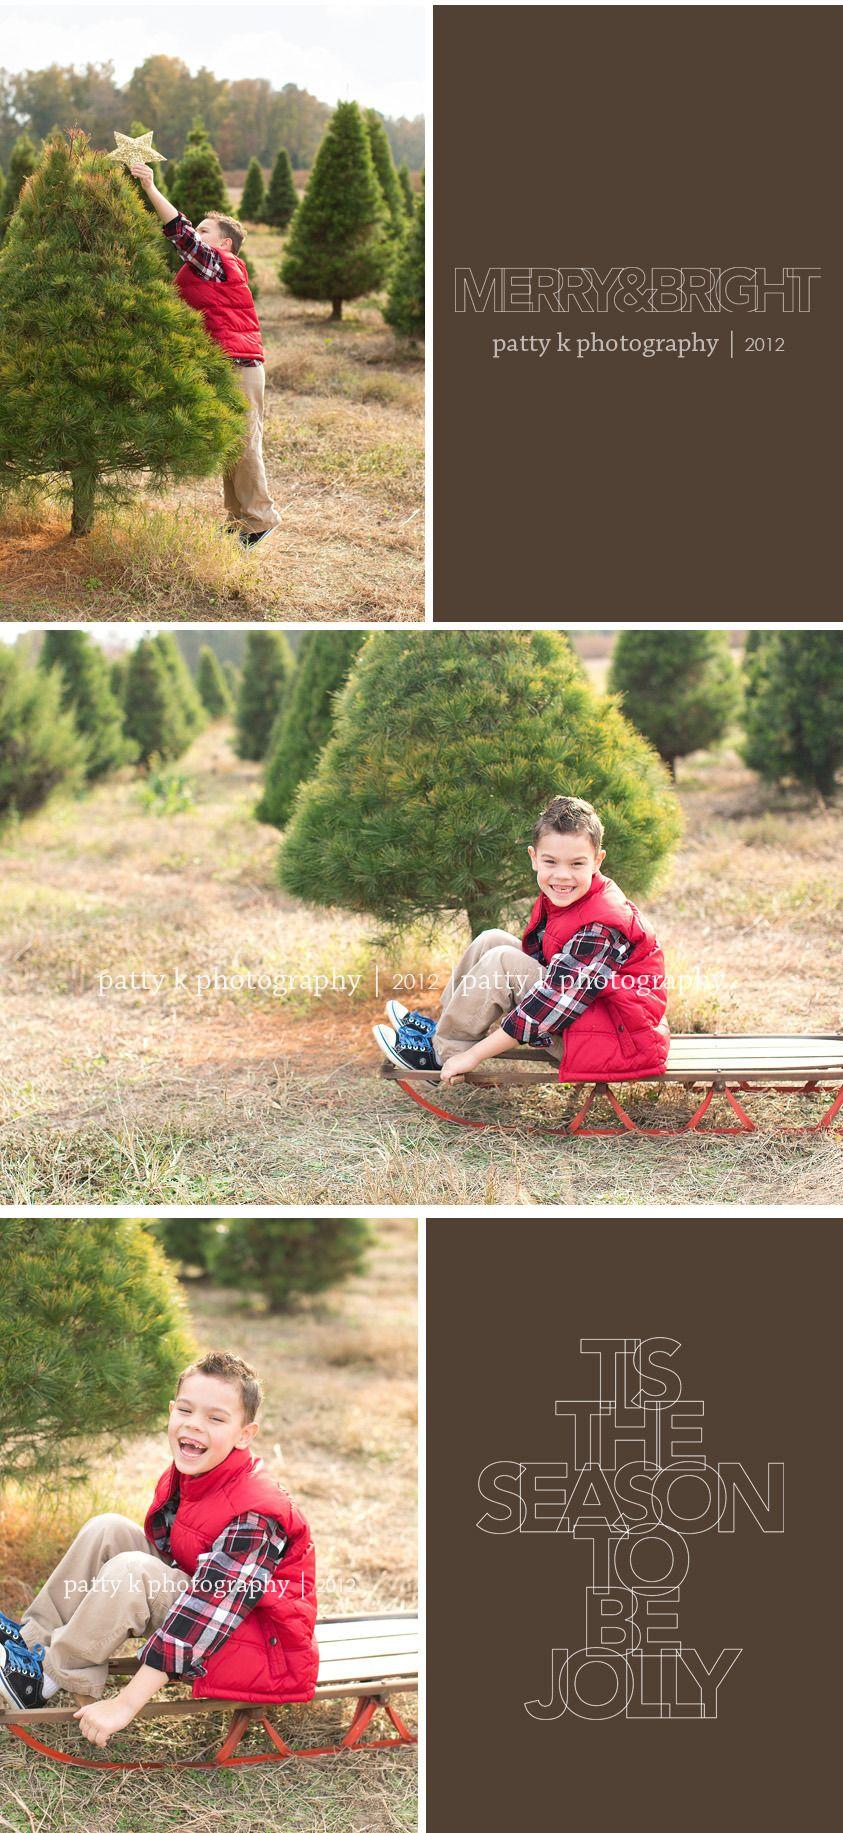 Tree Farm | Patty K Photography | 2012 | Holiday mini session, Photography mini sessions ...